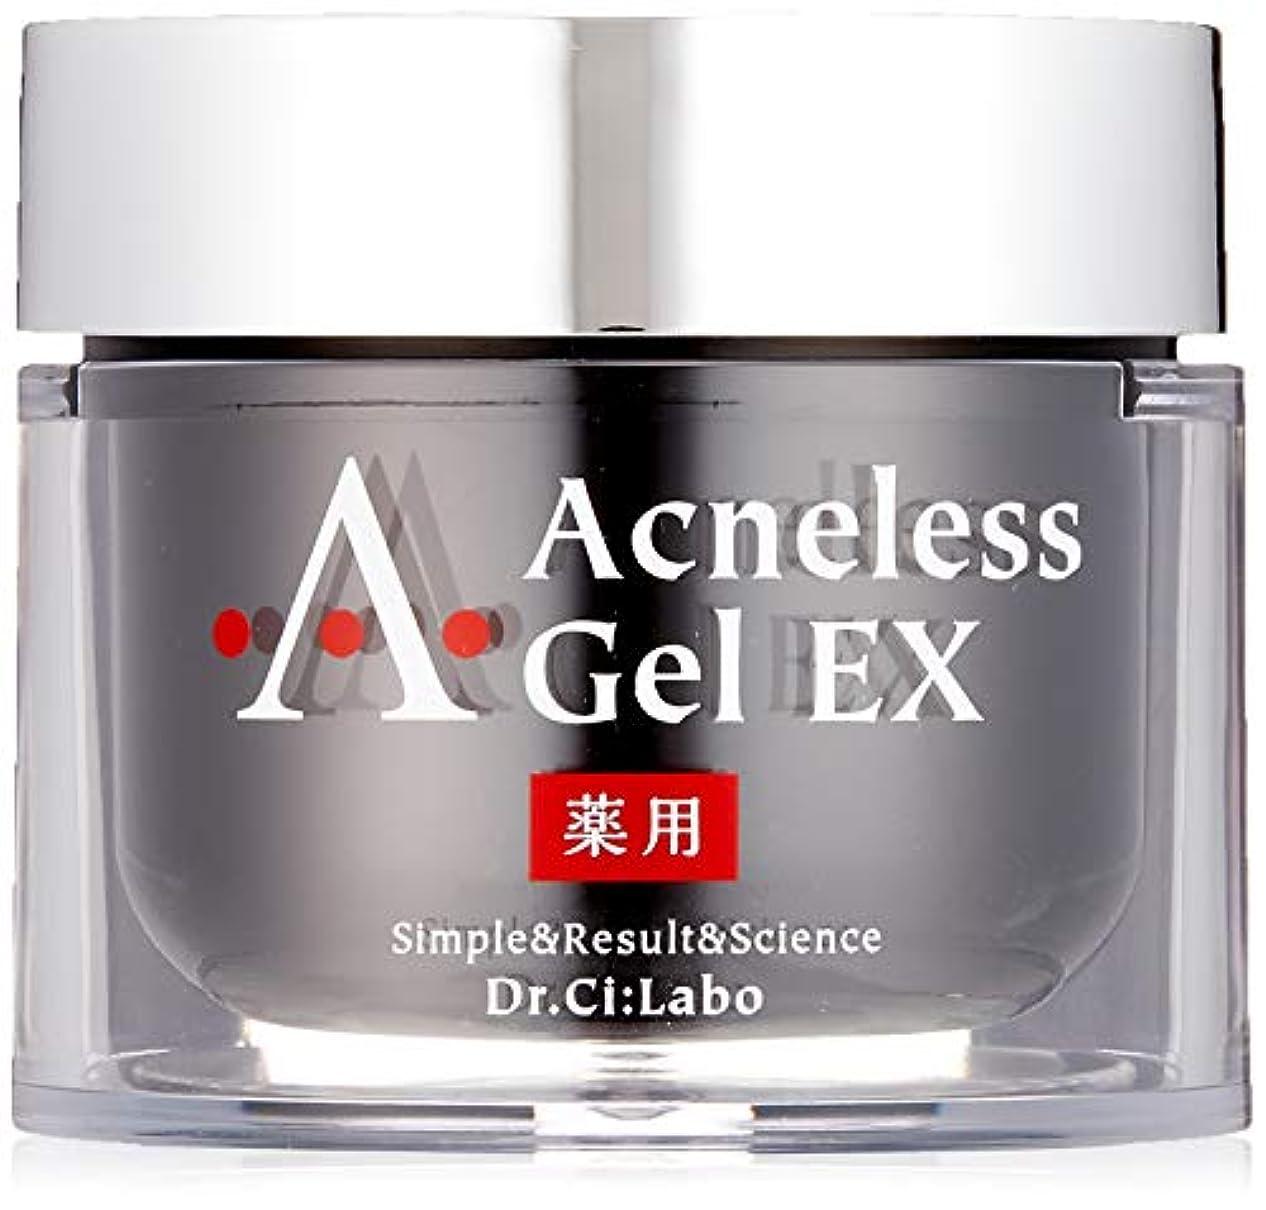 ごちそう水陸両用解読する薬用アクネレスゲルEX80g